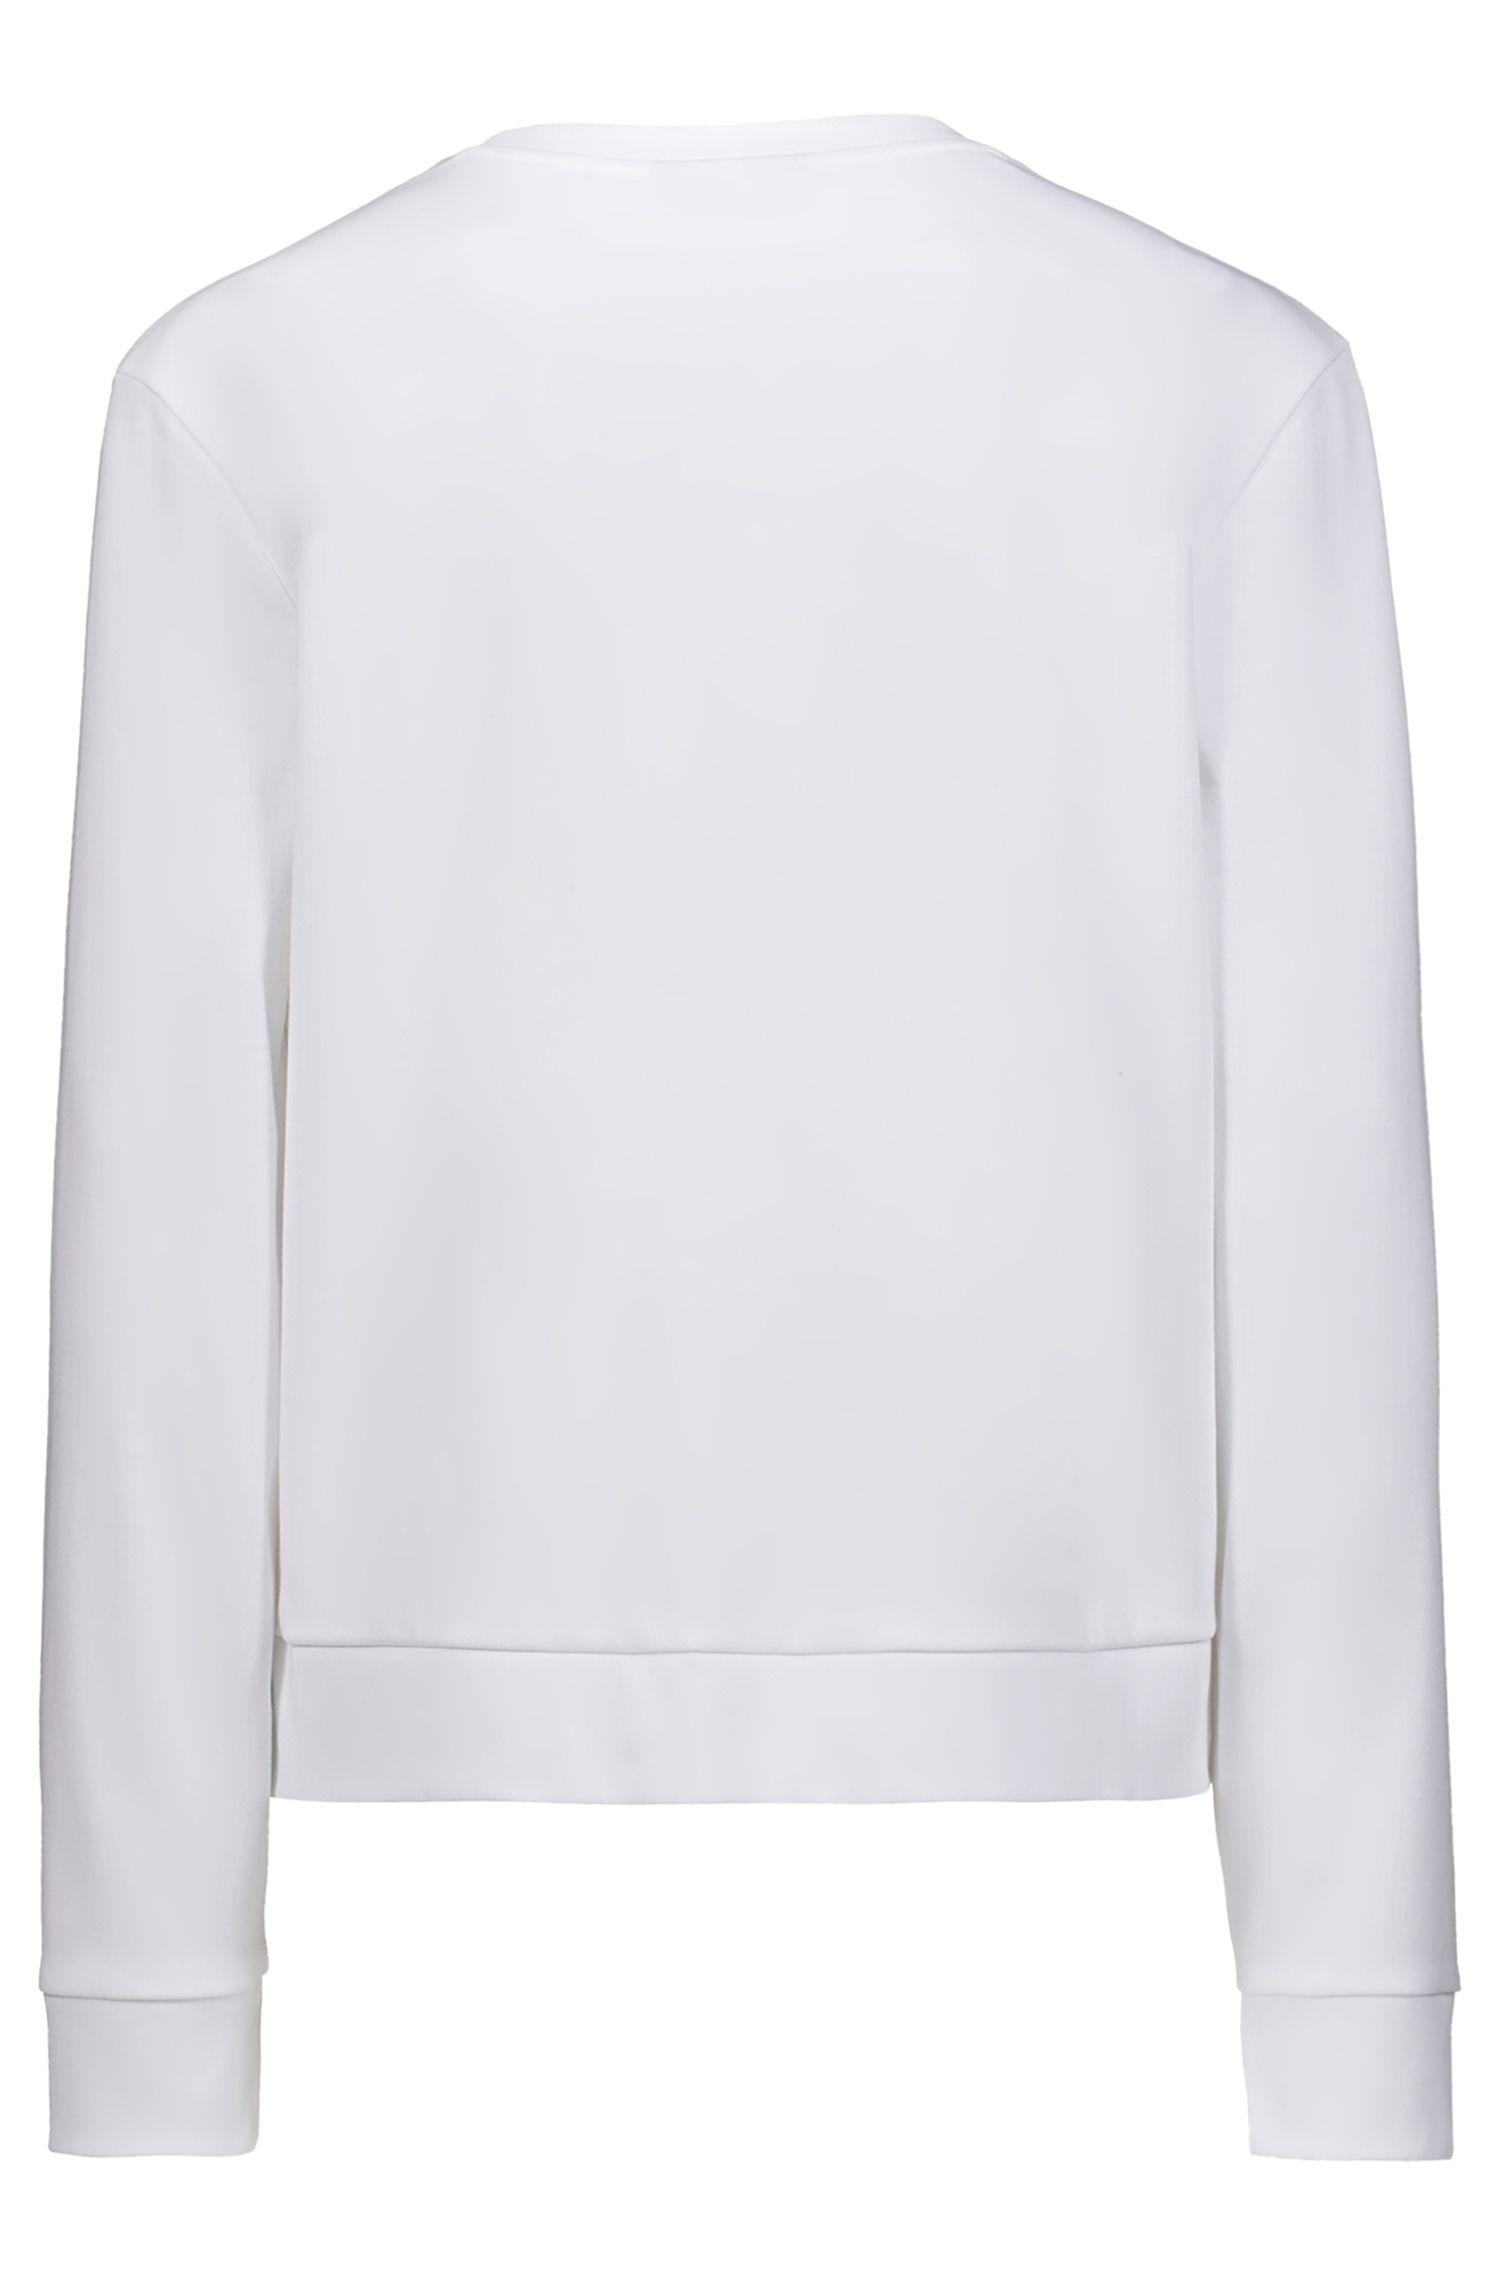 Relaxed-Fit Sweatshirt aus Baumwolle mit Logo der neuen Saison, Weiß